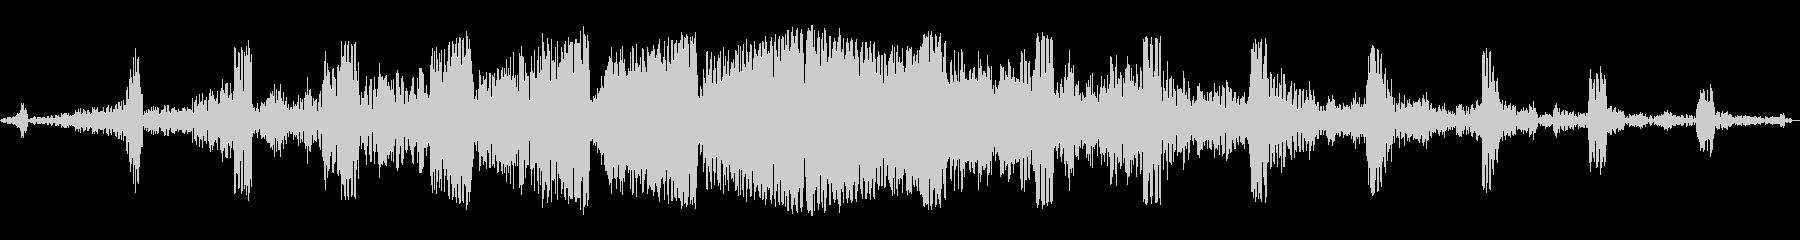 グワングワン(謎の飛行生物)の未再生の波形